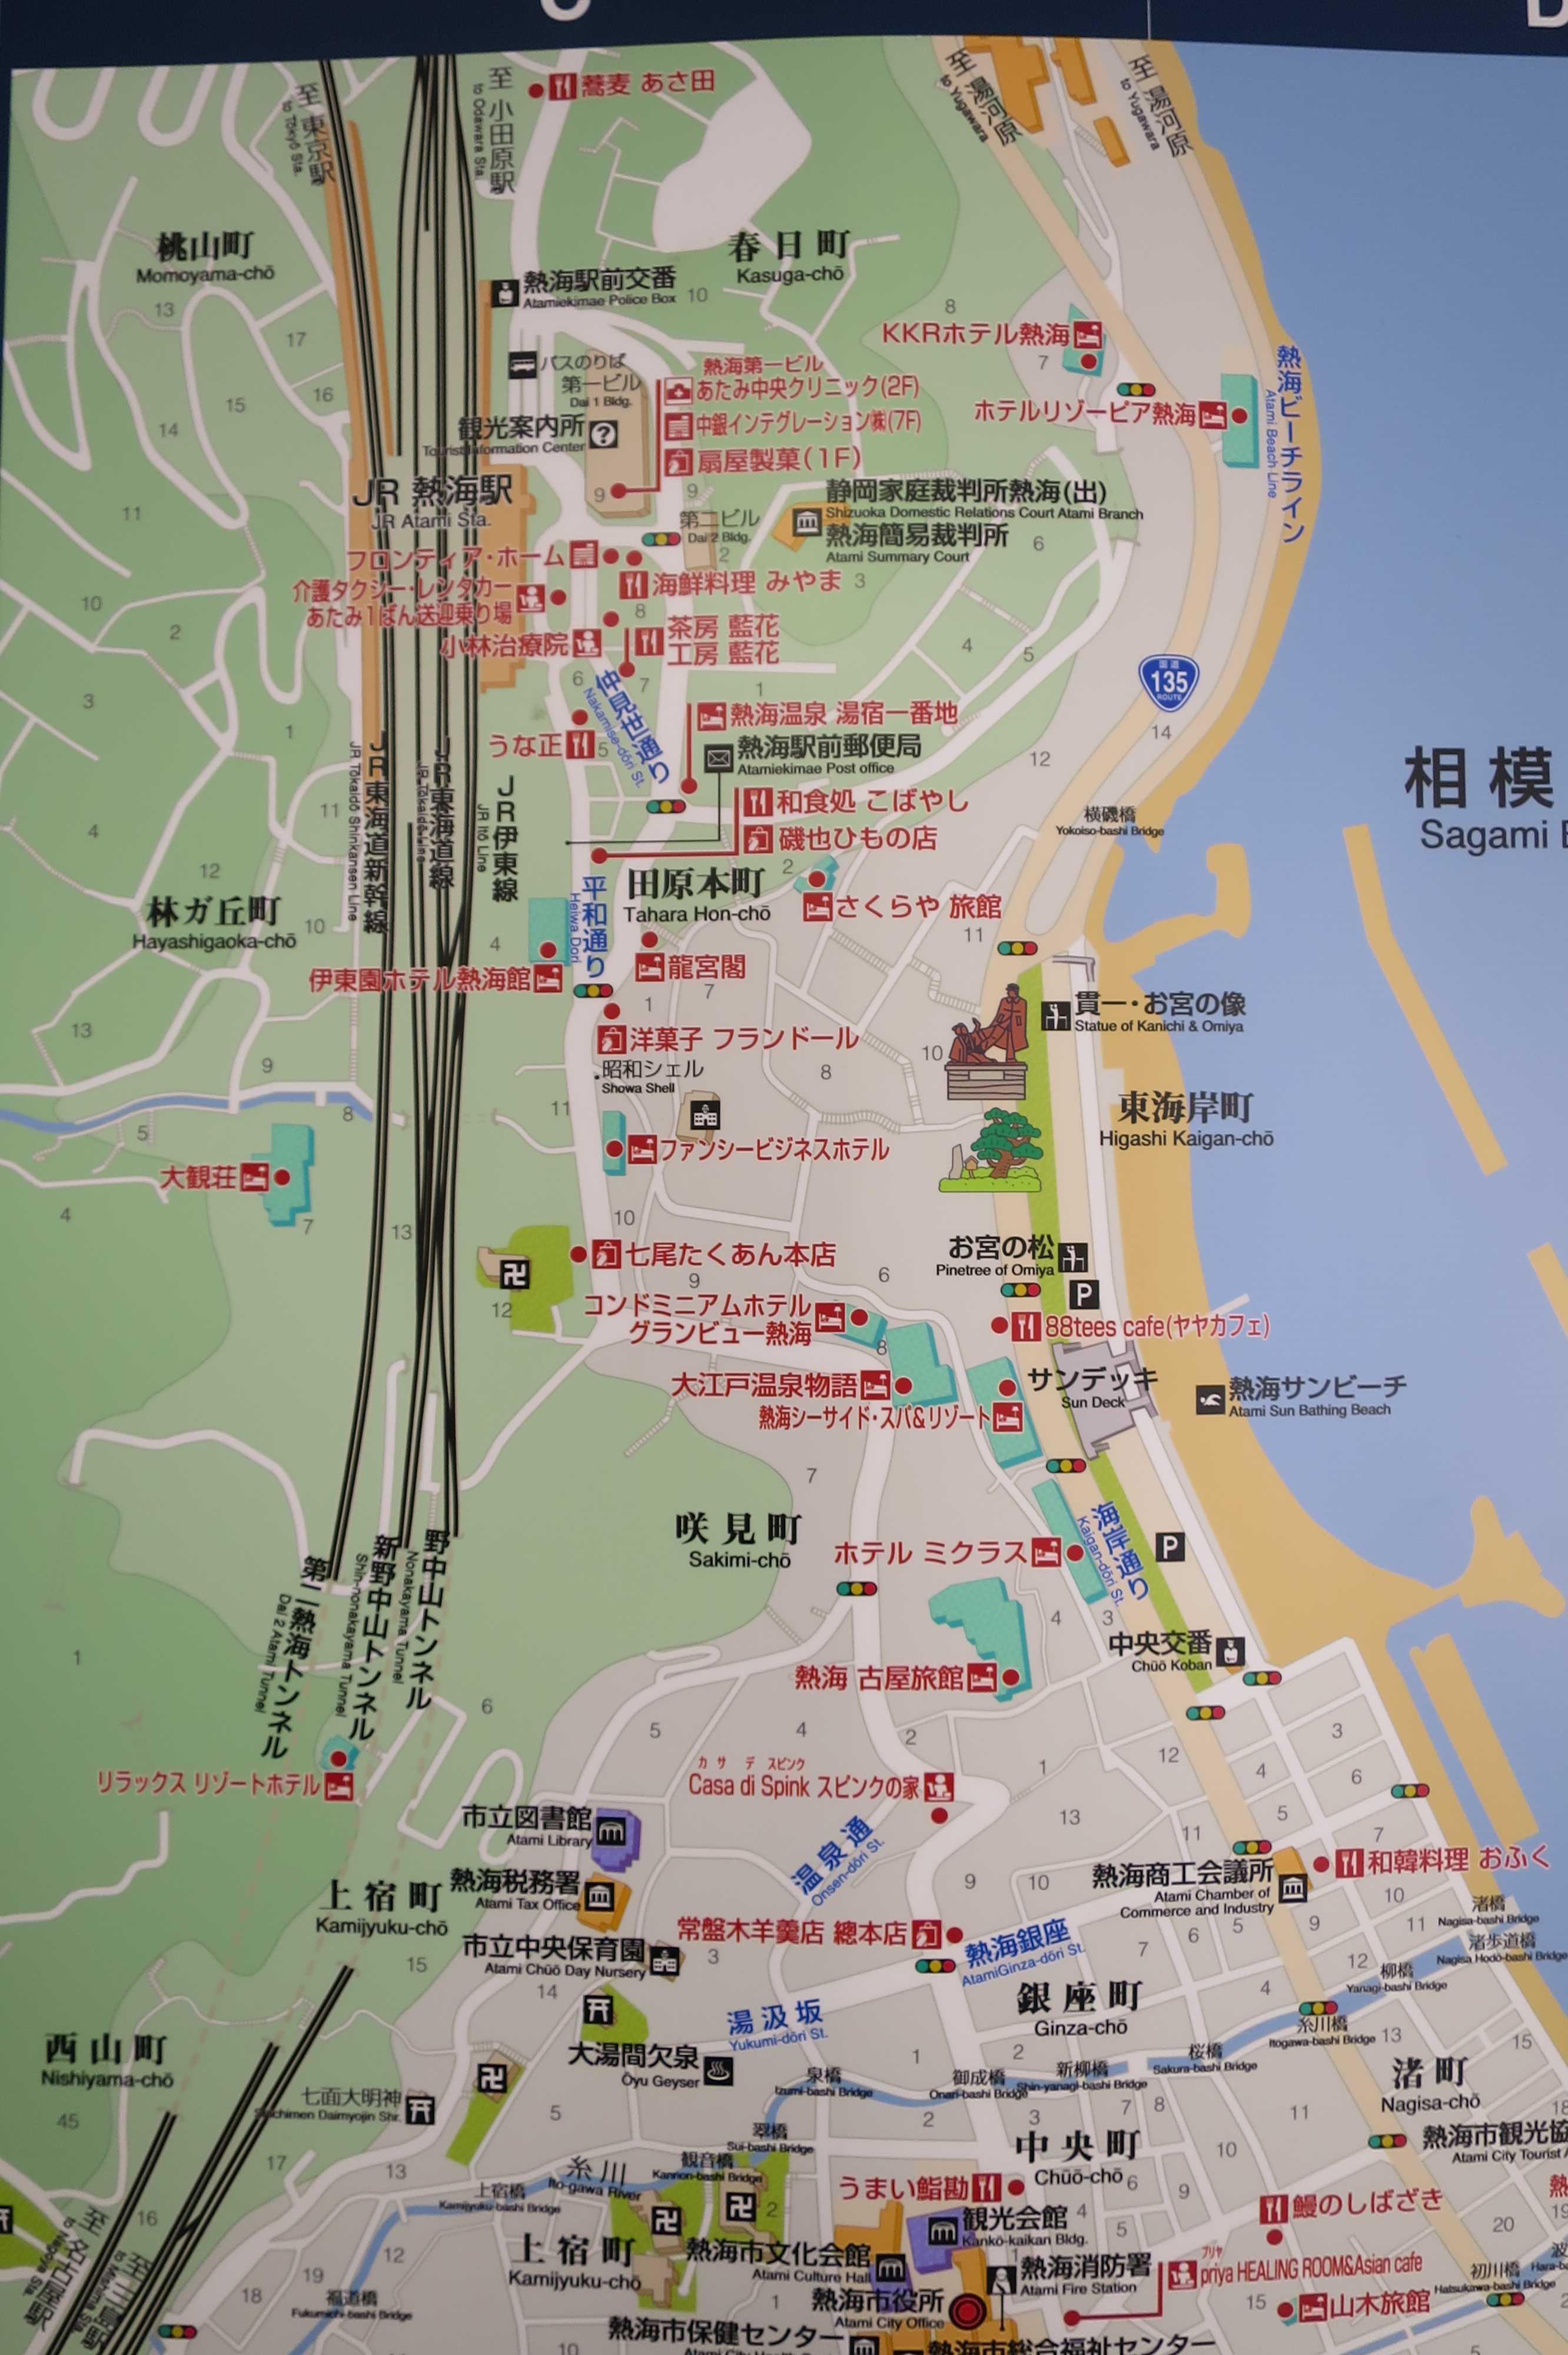 熱海市の地図(熱海市観光マップ)